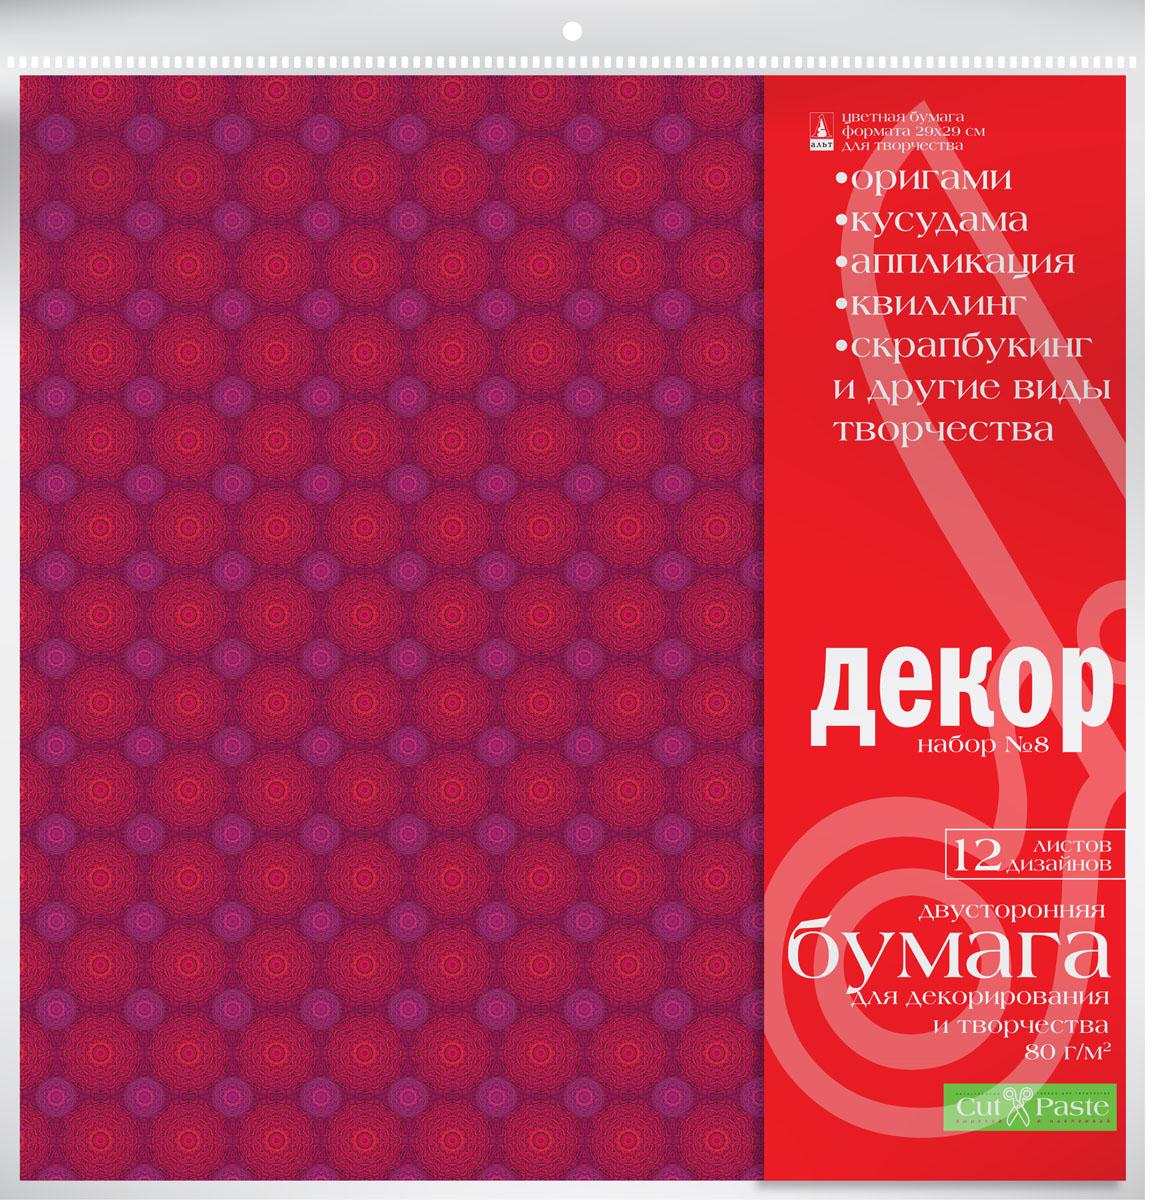 Альт Бумага для декорирования и творчества Декор Набор №8 12 листов 29 см х 29 см